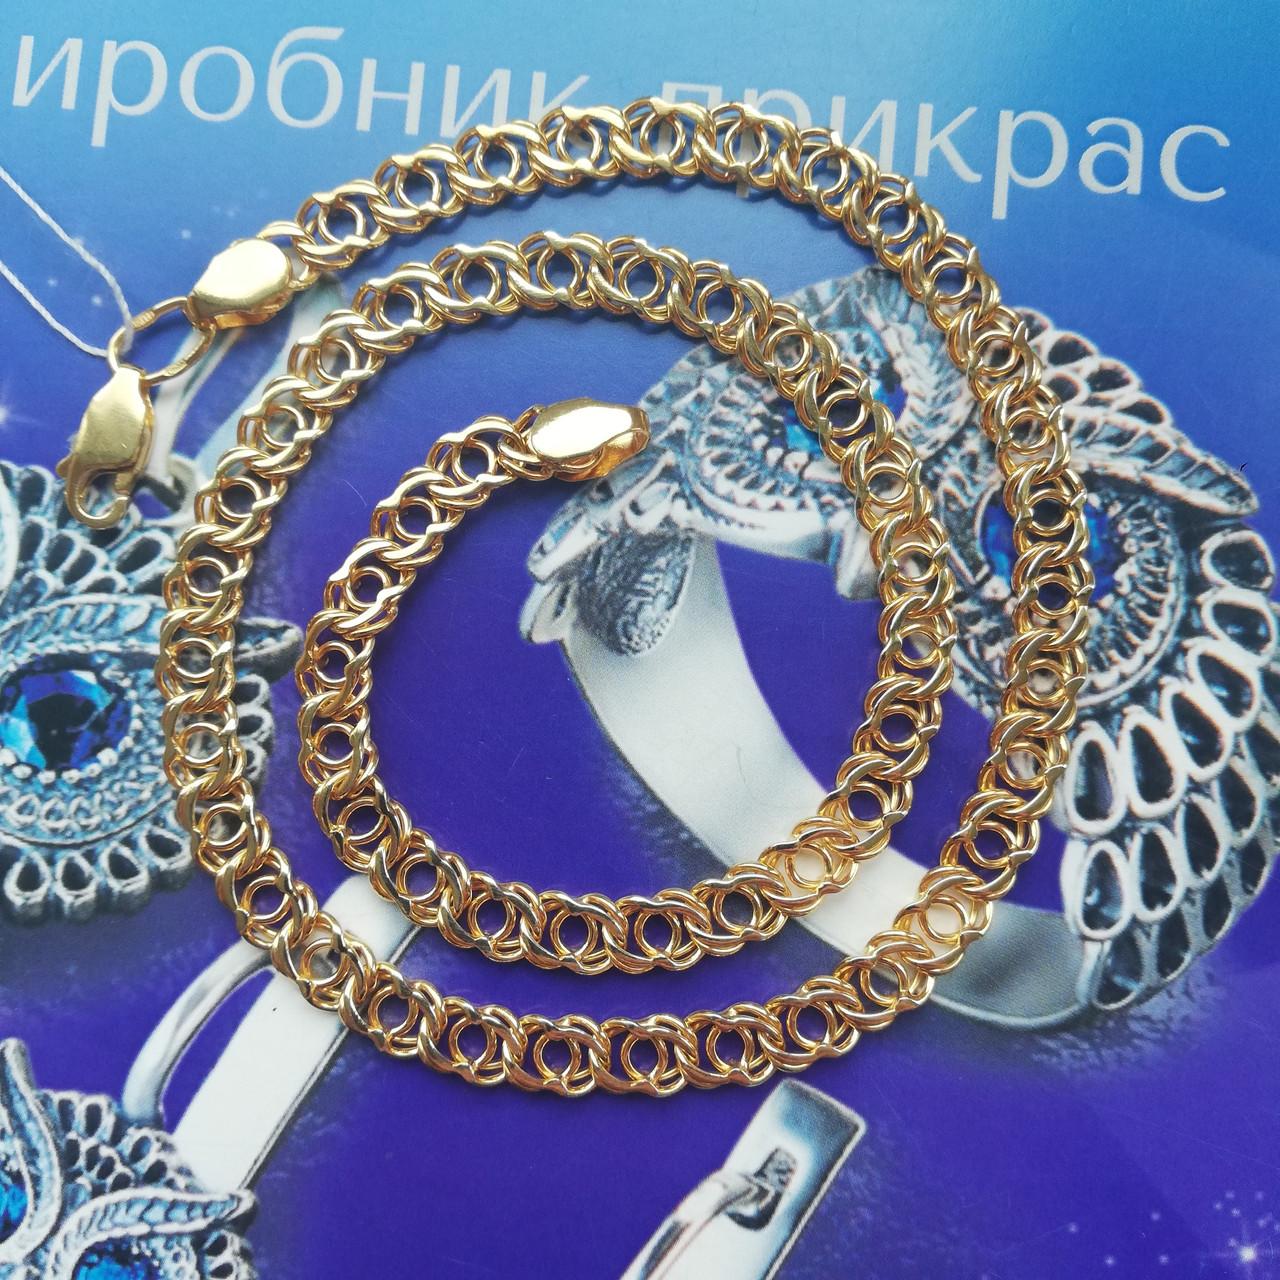 Серебряная позолоченная цепочка, 450мм, плетение Арабский бисмарк, 22 грамма